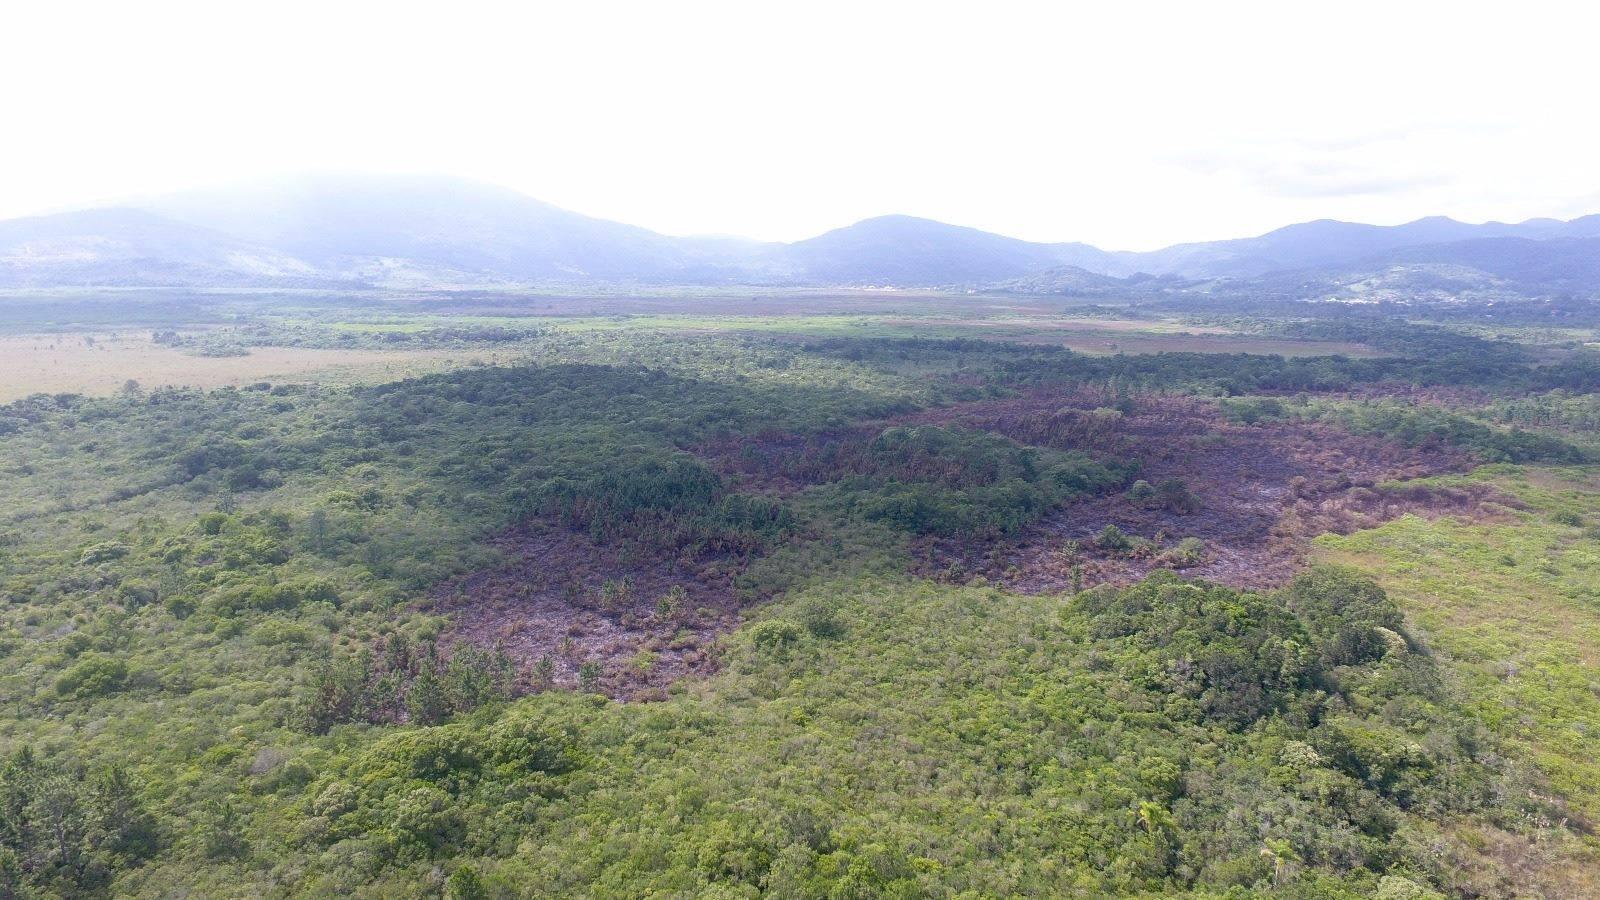 Incêndio foi registrado na semana passada em 11 hectares da área total de 217 hectares - Divulgação/ND